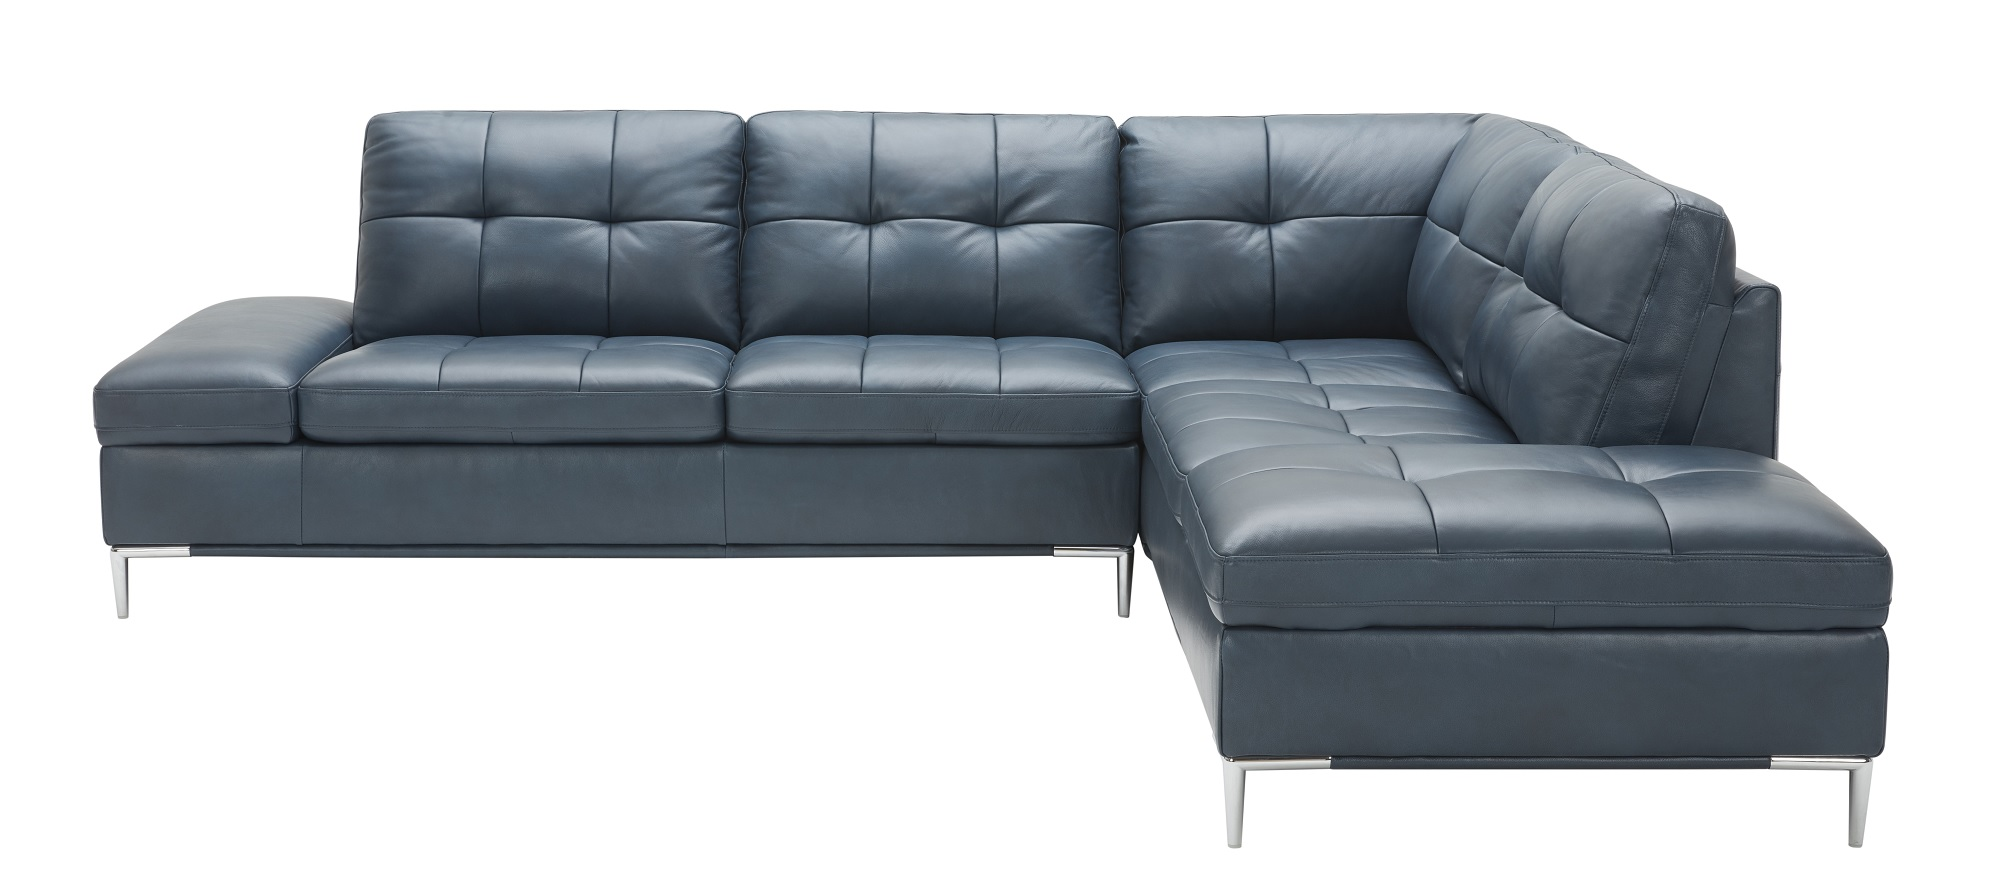 Leonardo Blue Leather Sectional Sofa W Storage By J M Furniture